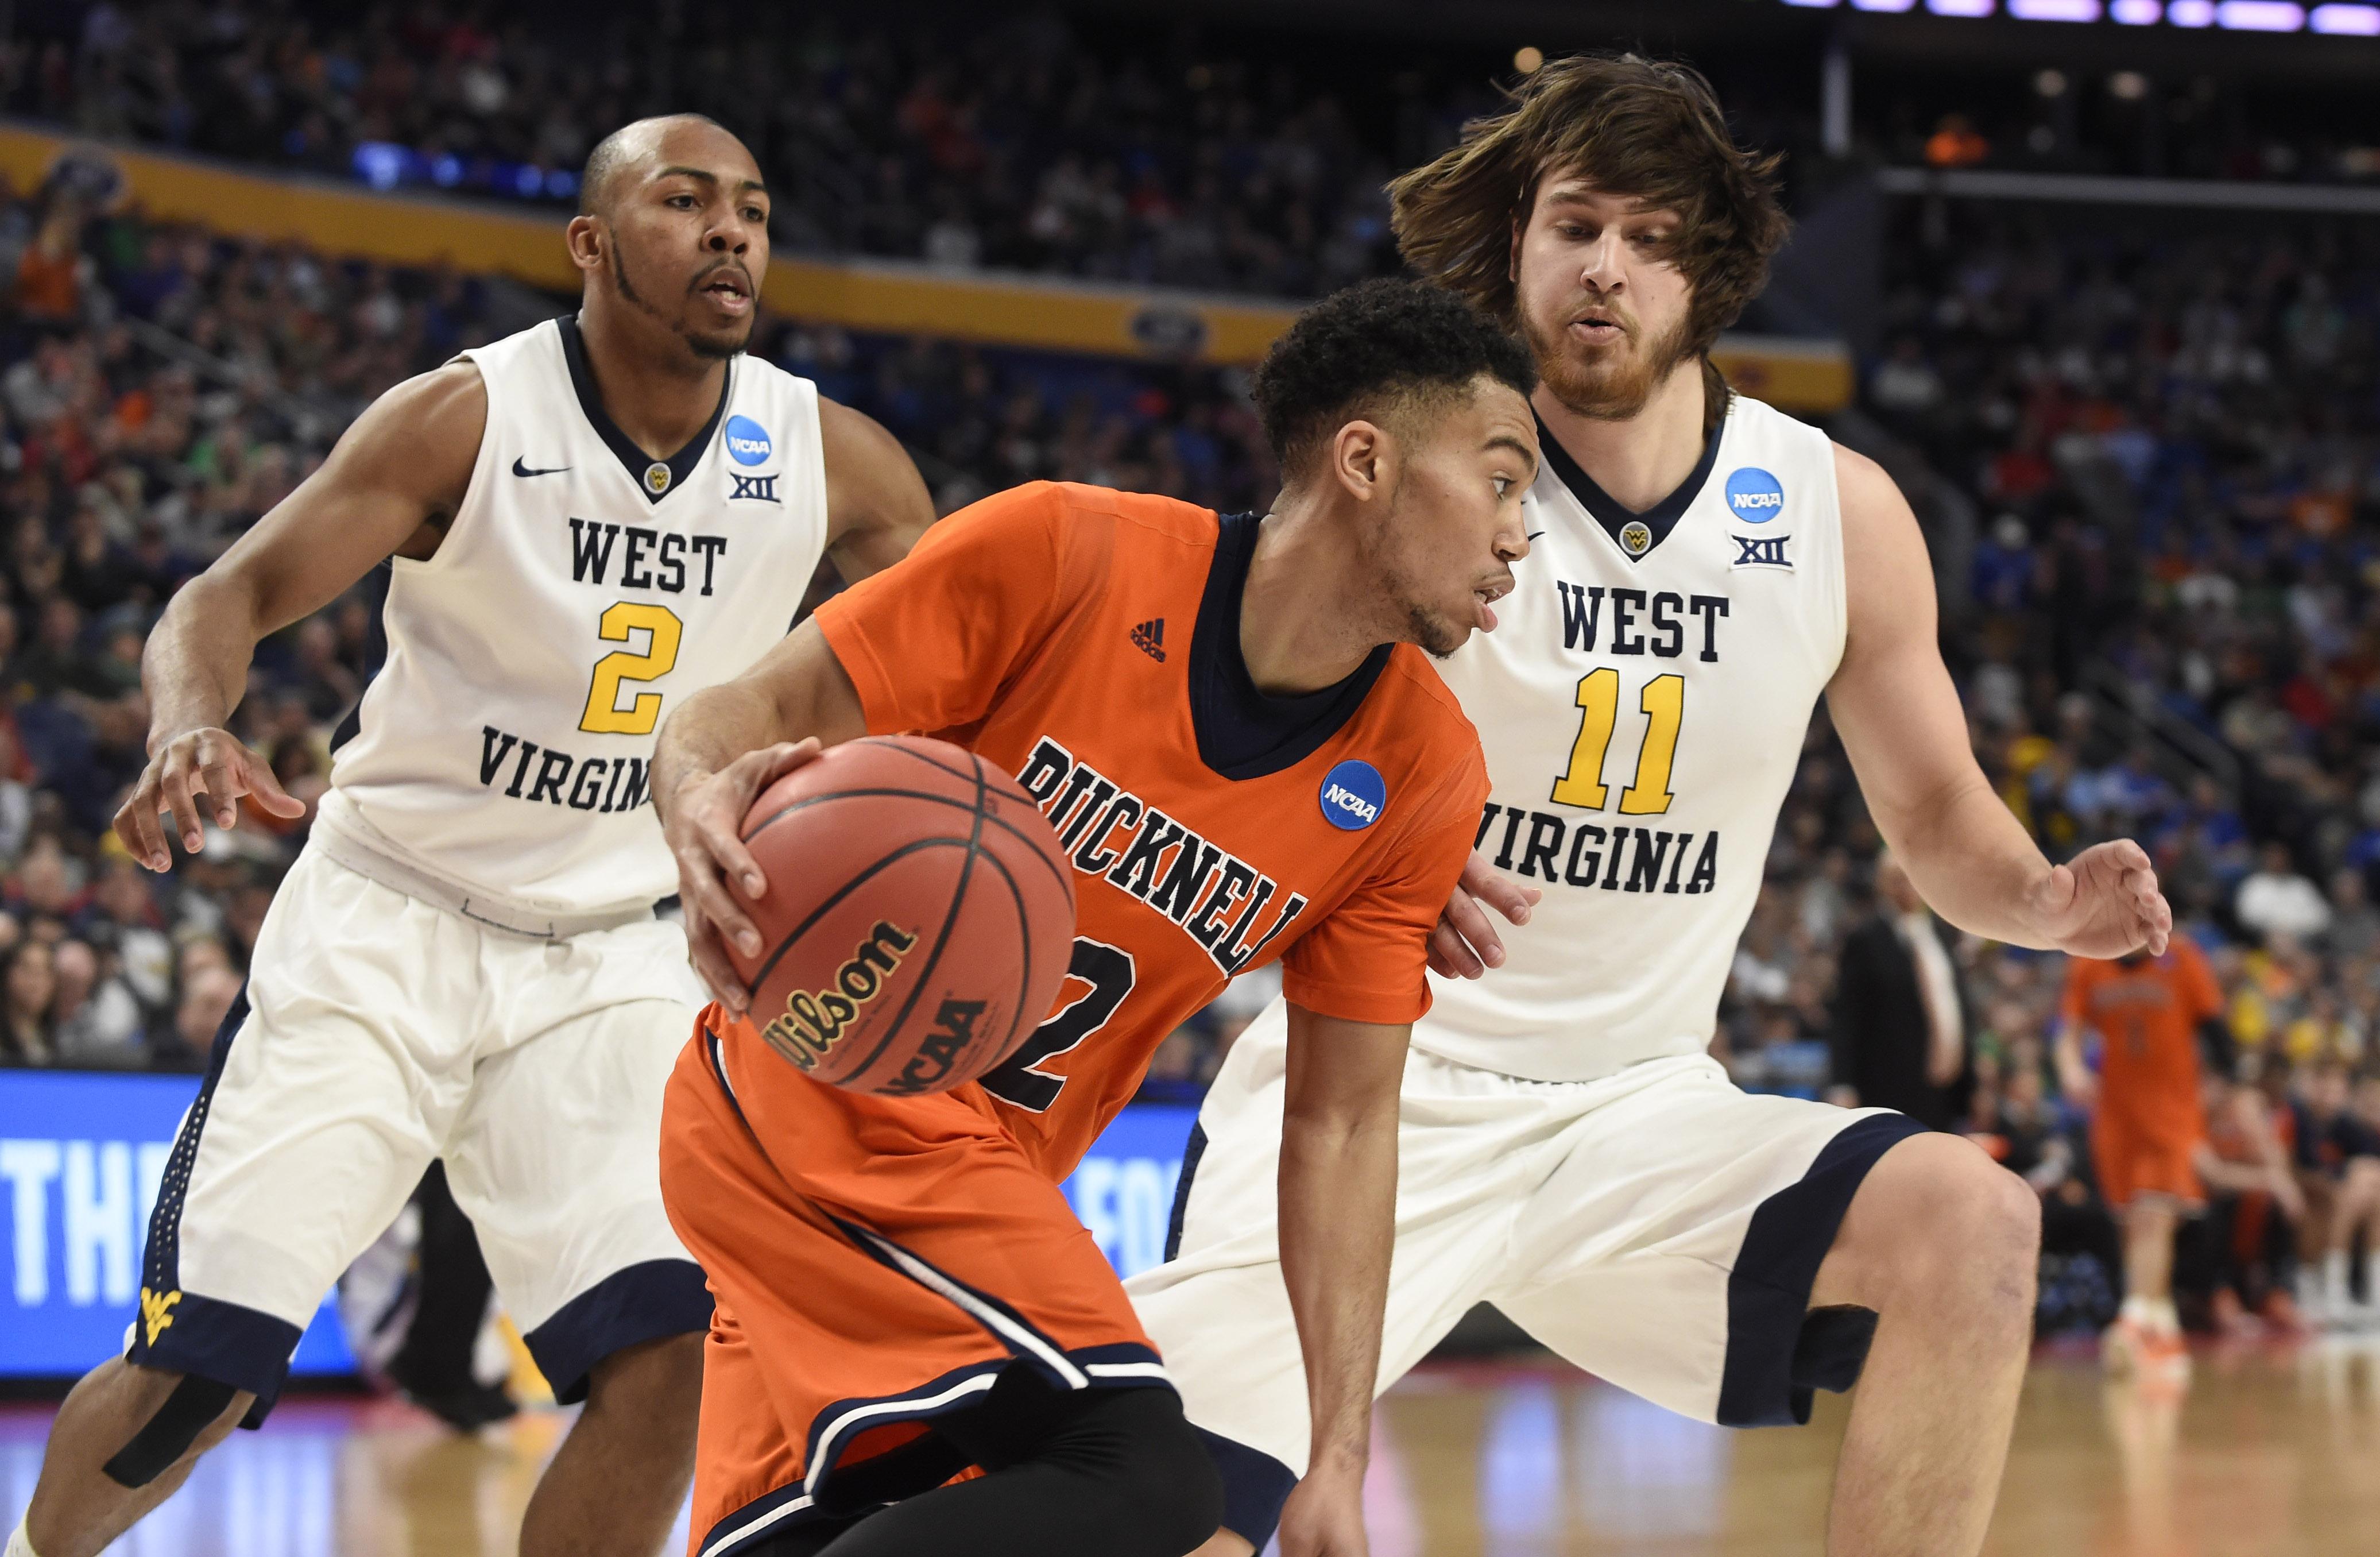 WVU Basketball: 3 Keys To A Sweeter 16 For WVU